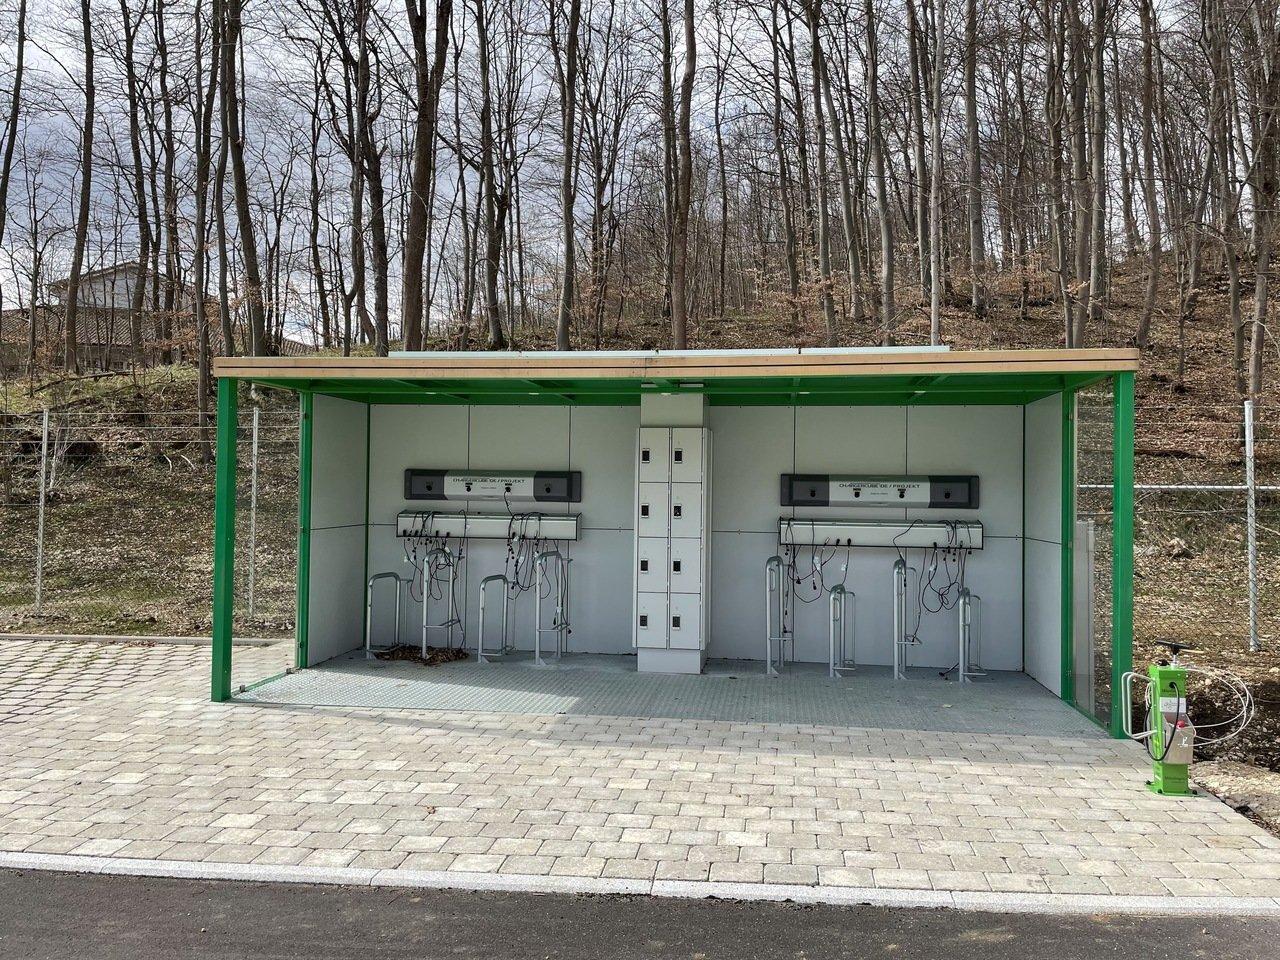 Im Vordergrund eine grüne E-Bike Ladestation mit vielen Anschlüssen. In der Mitte der Ladestation gibt es Schließfächer. Rechts daneben ist eine Radservice Station mit verschiedenen Werkzeugen.